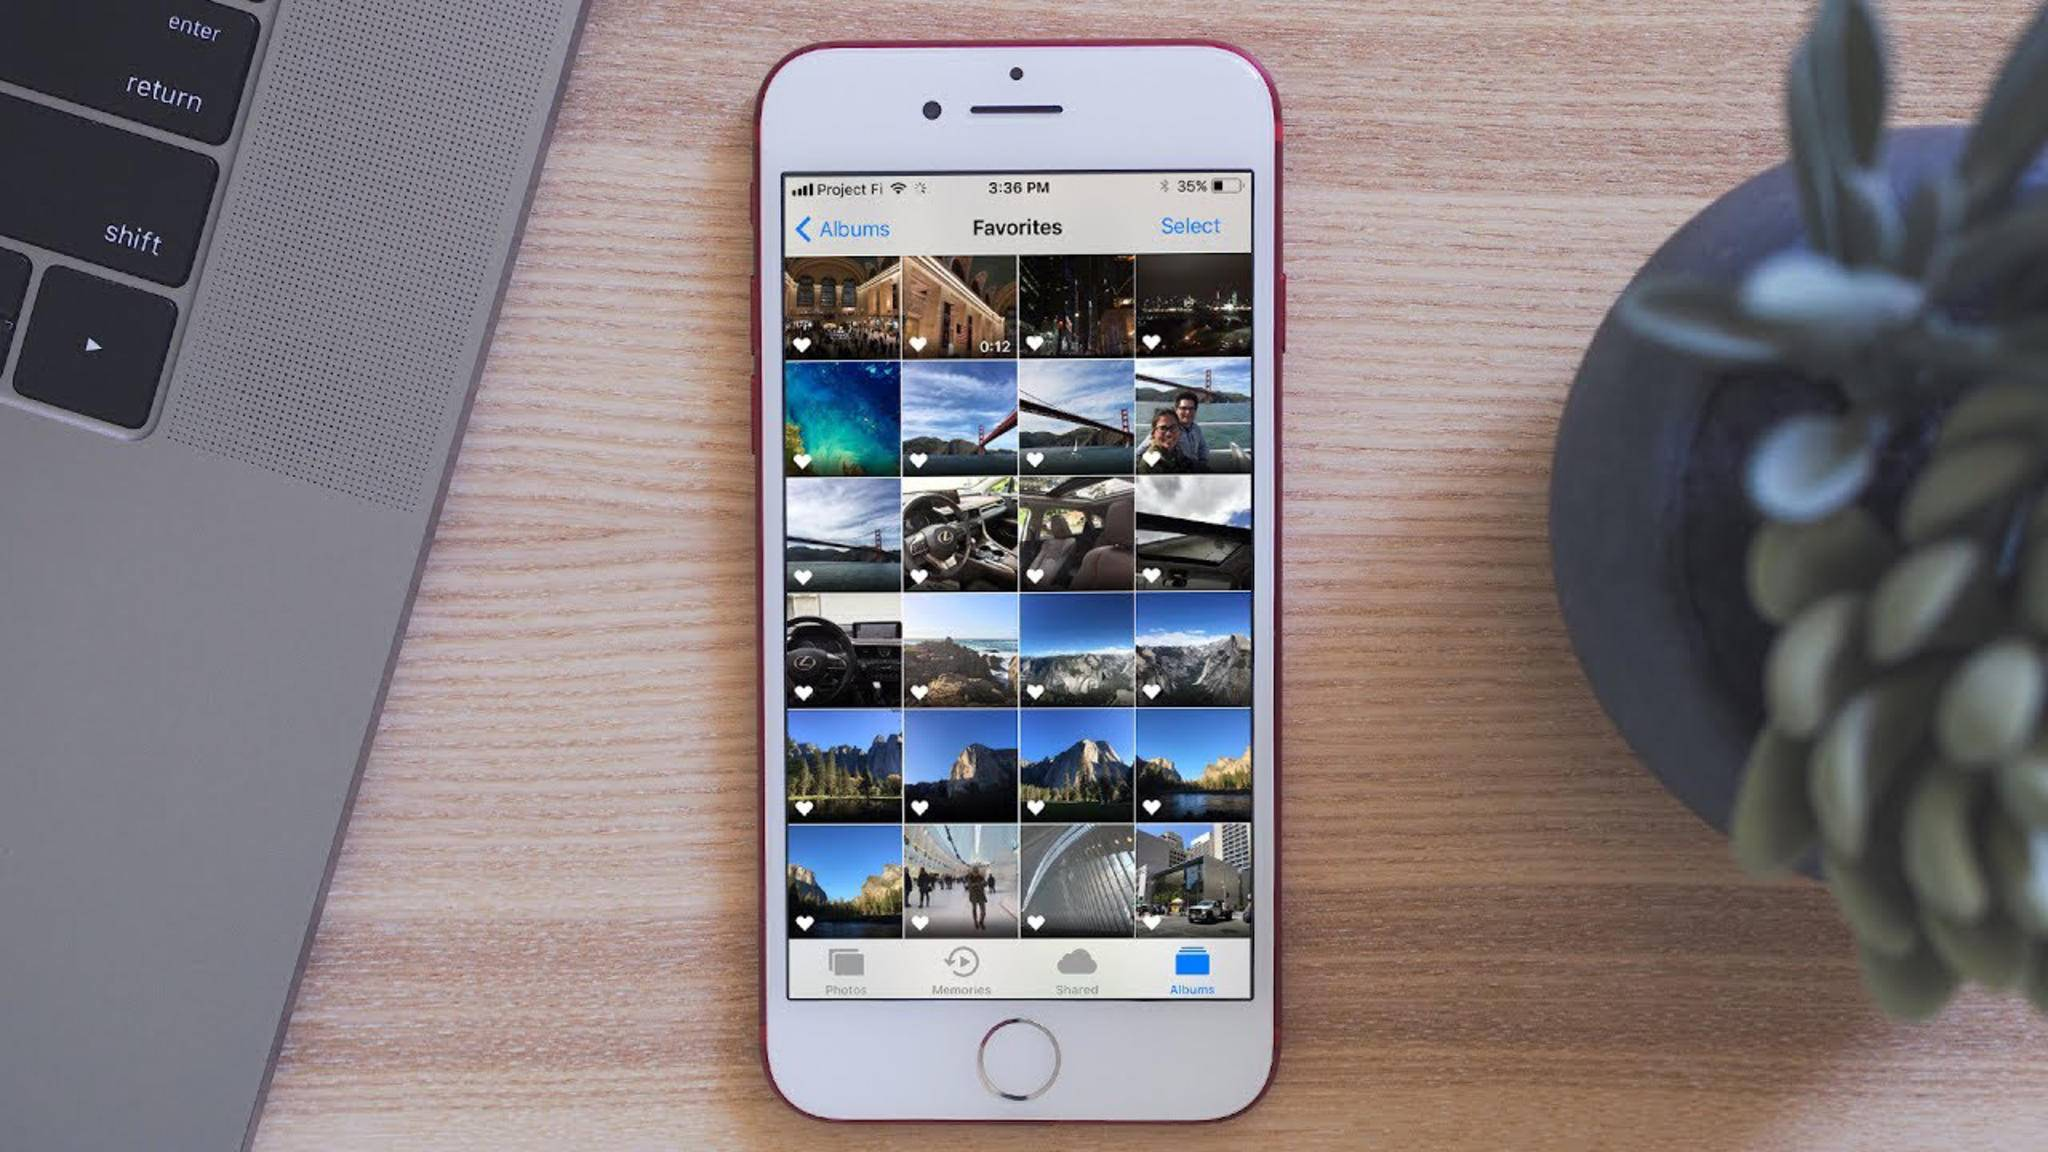 Sind Deine Standortdaten in der Fotos-App nicht sicher?